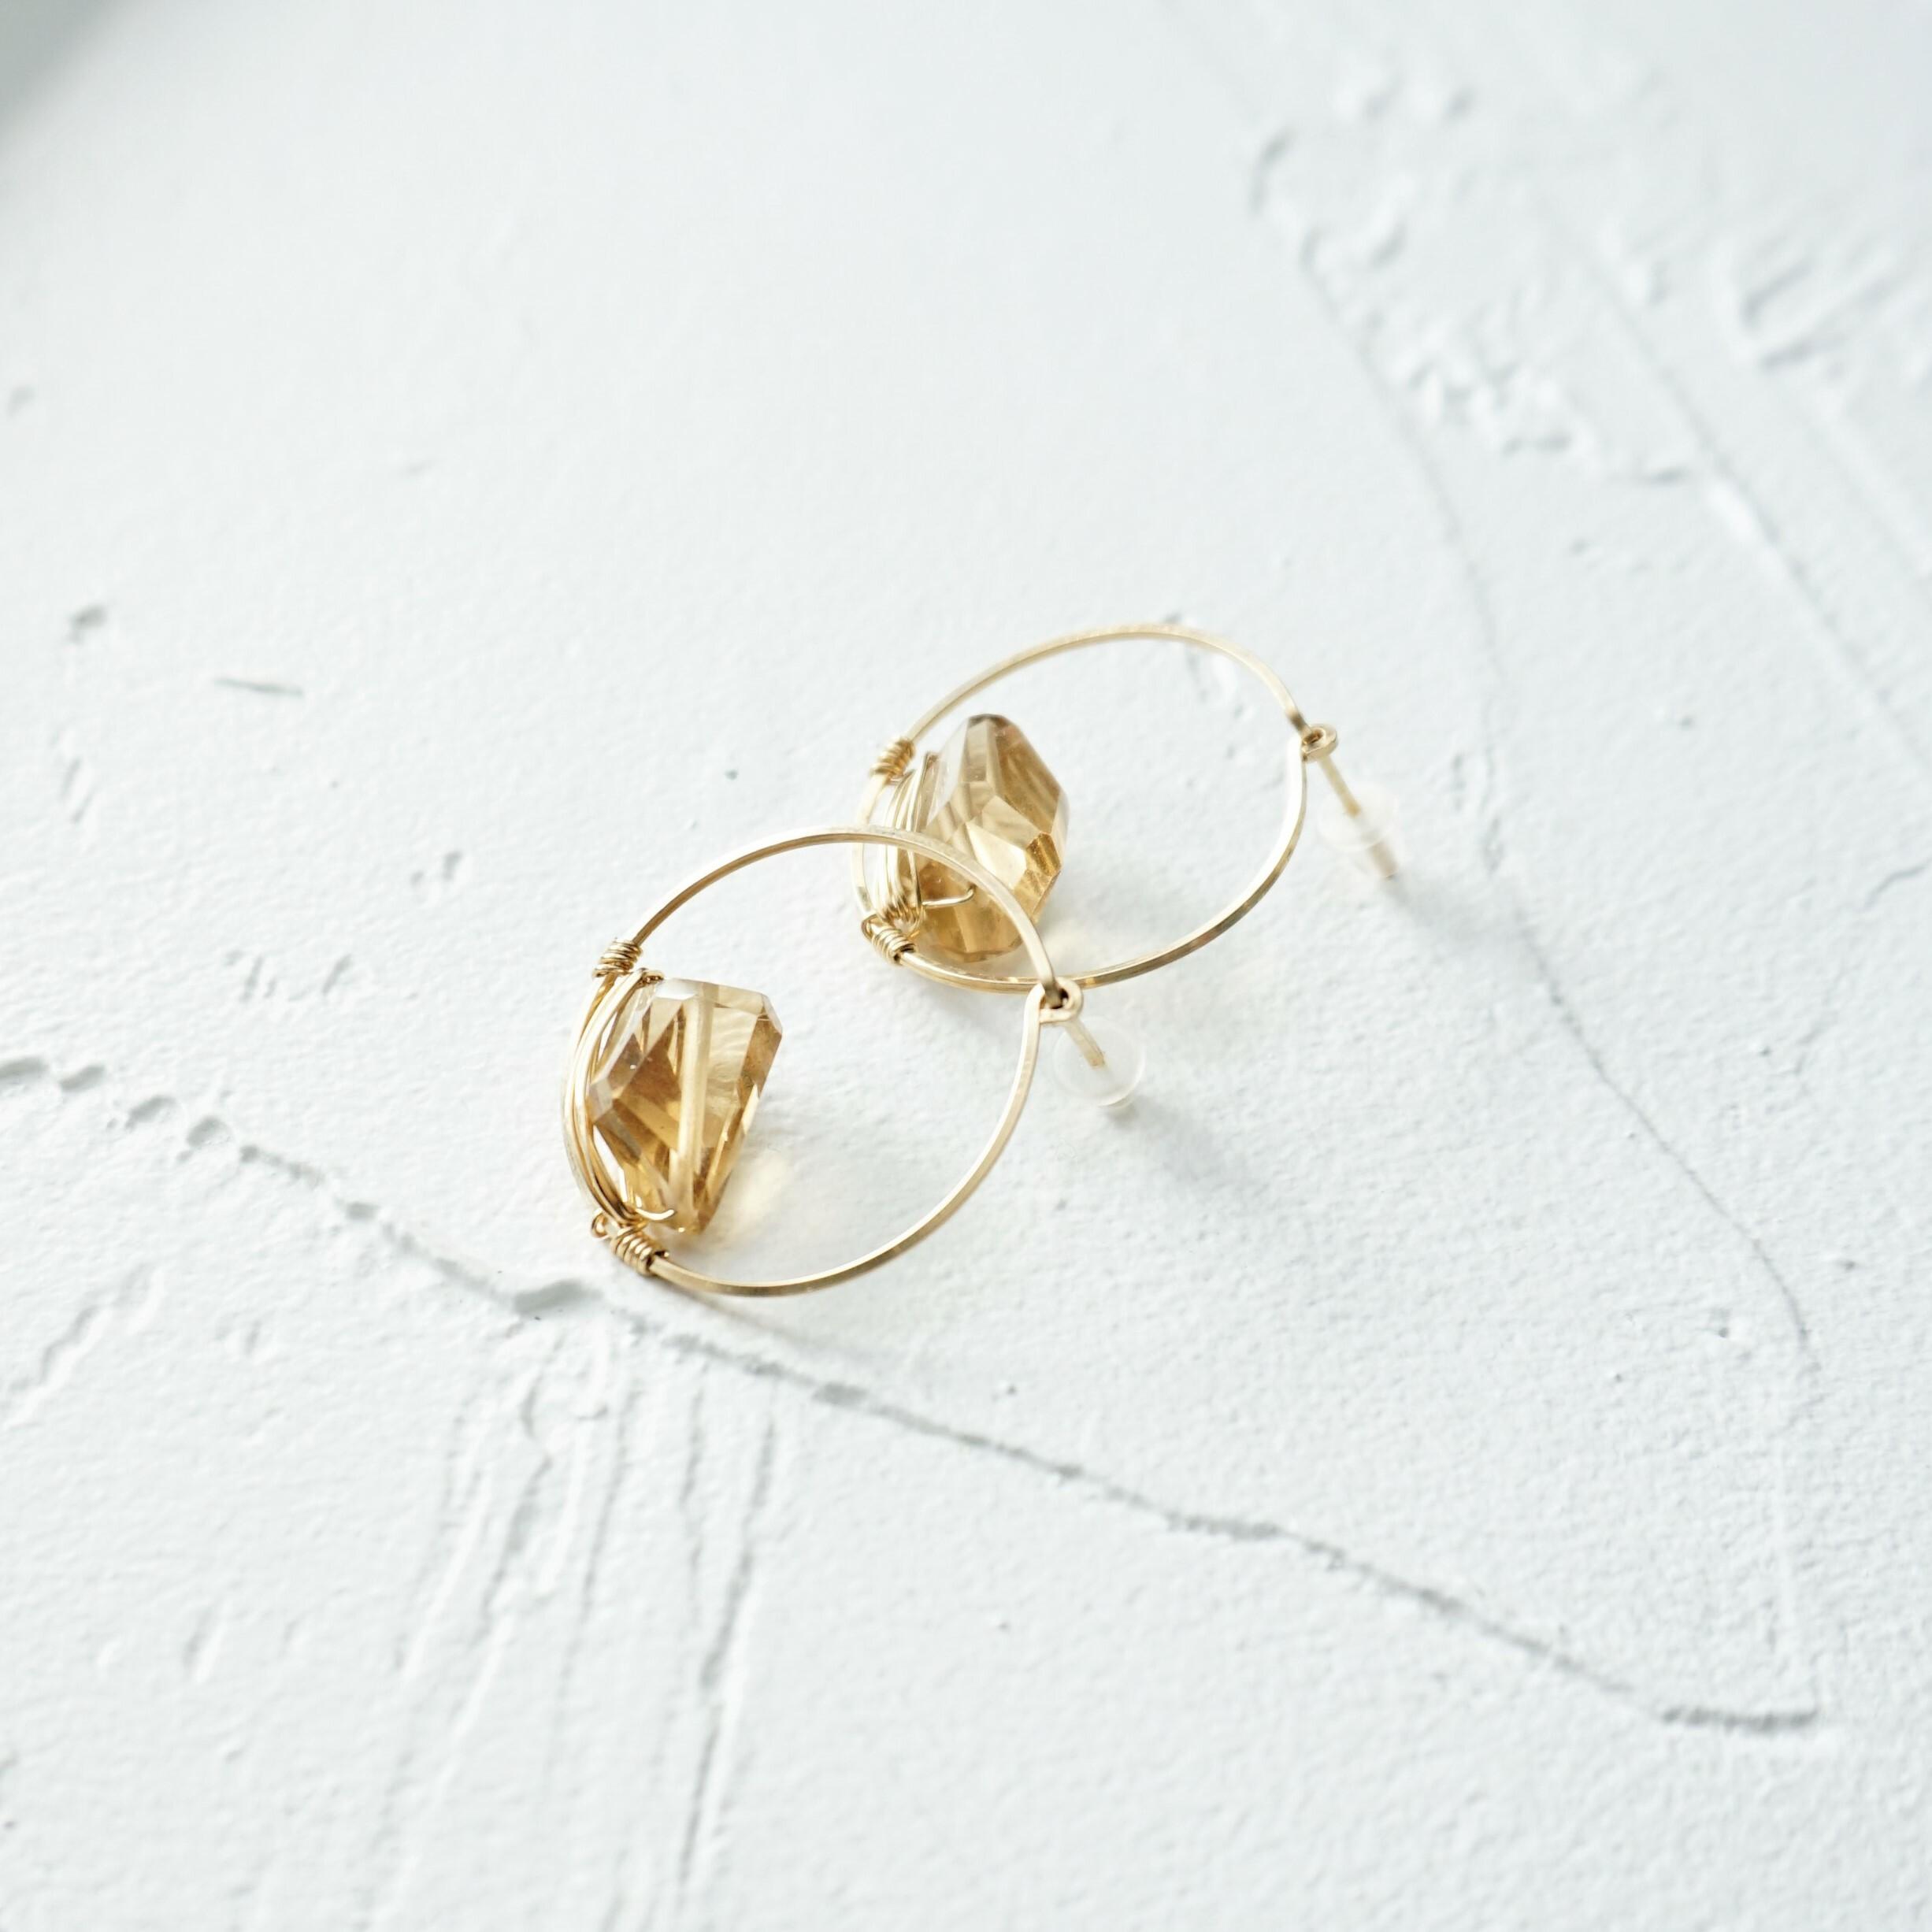 上白石萌音さん着用14kgf*宝石質 Champagne Quartz Circle stud pierced earring / earring